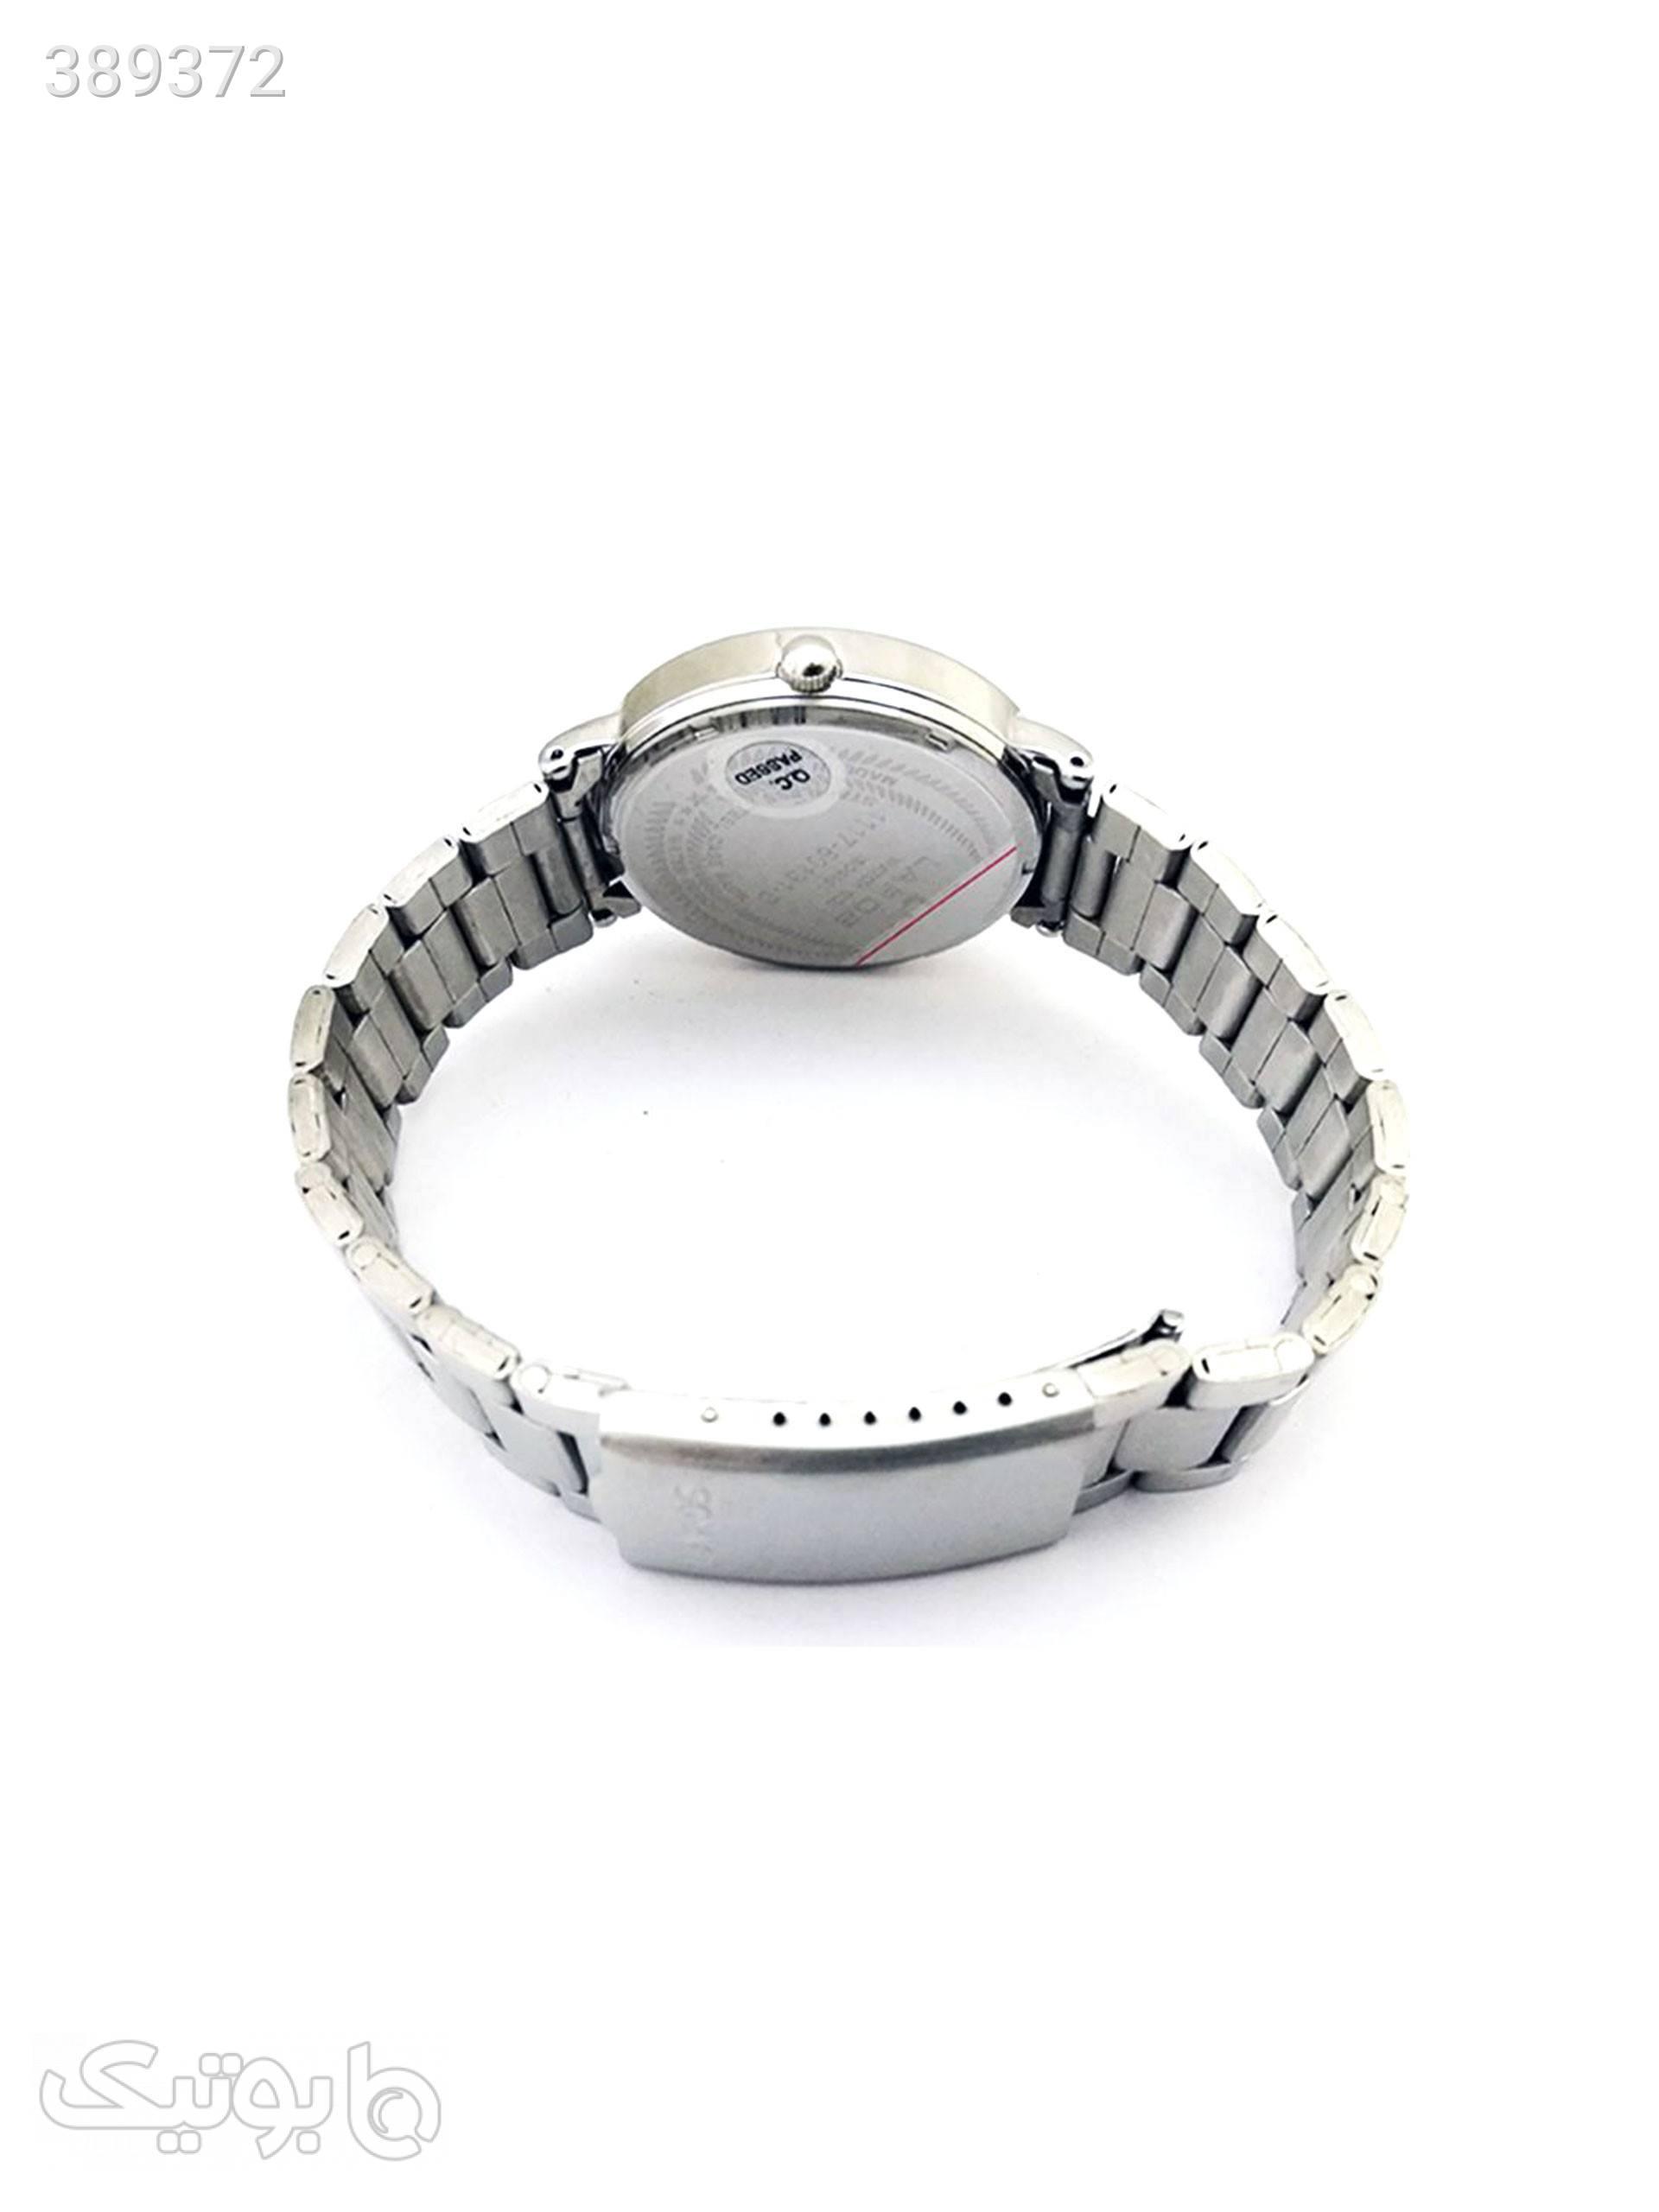 ساعت مچی عقربه ای مردانه لاروس مدل1117-80131-d به همراه دستمال مخصوص برند کلین واچ نقره ای ساعت